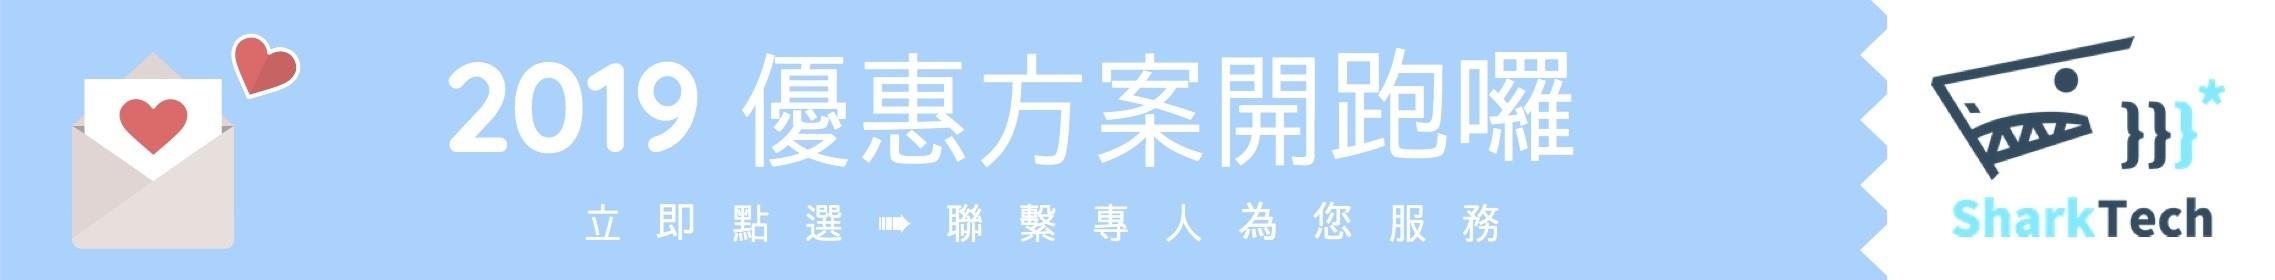 2019網站SEO優化顧問方案熱賣中-鯊客科技搜尋引擎優化公司